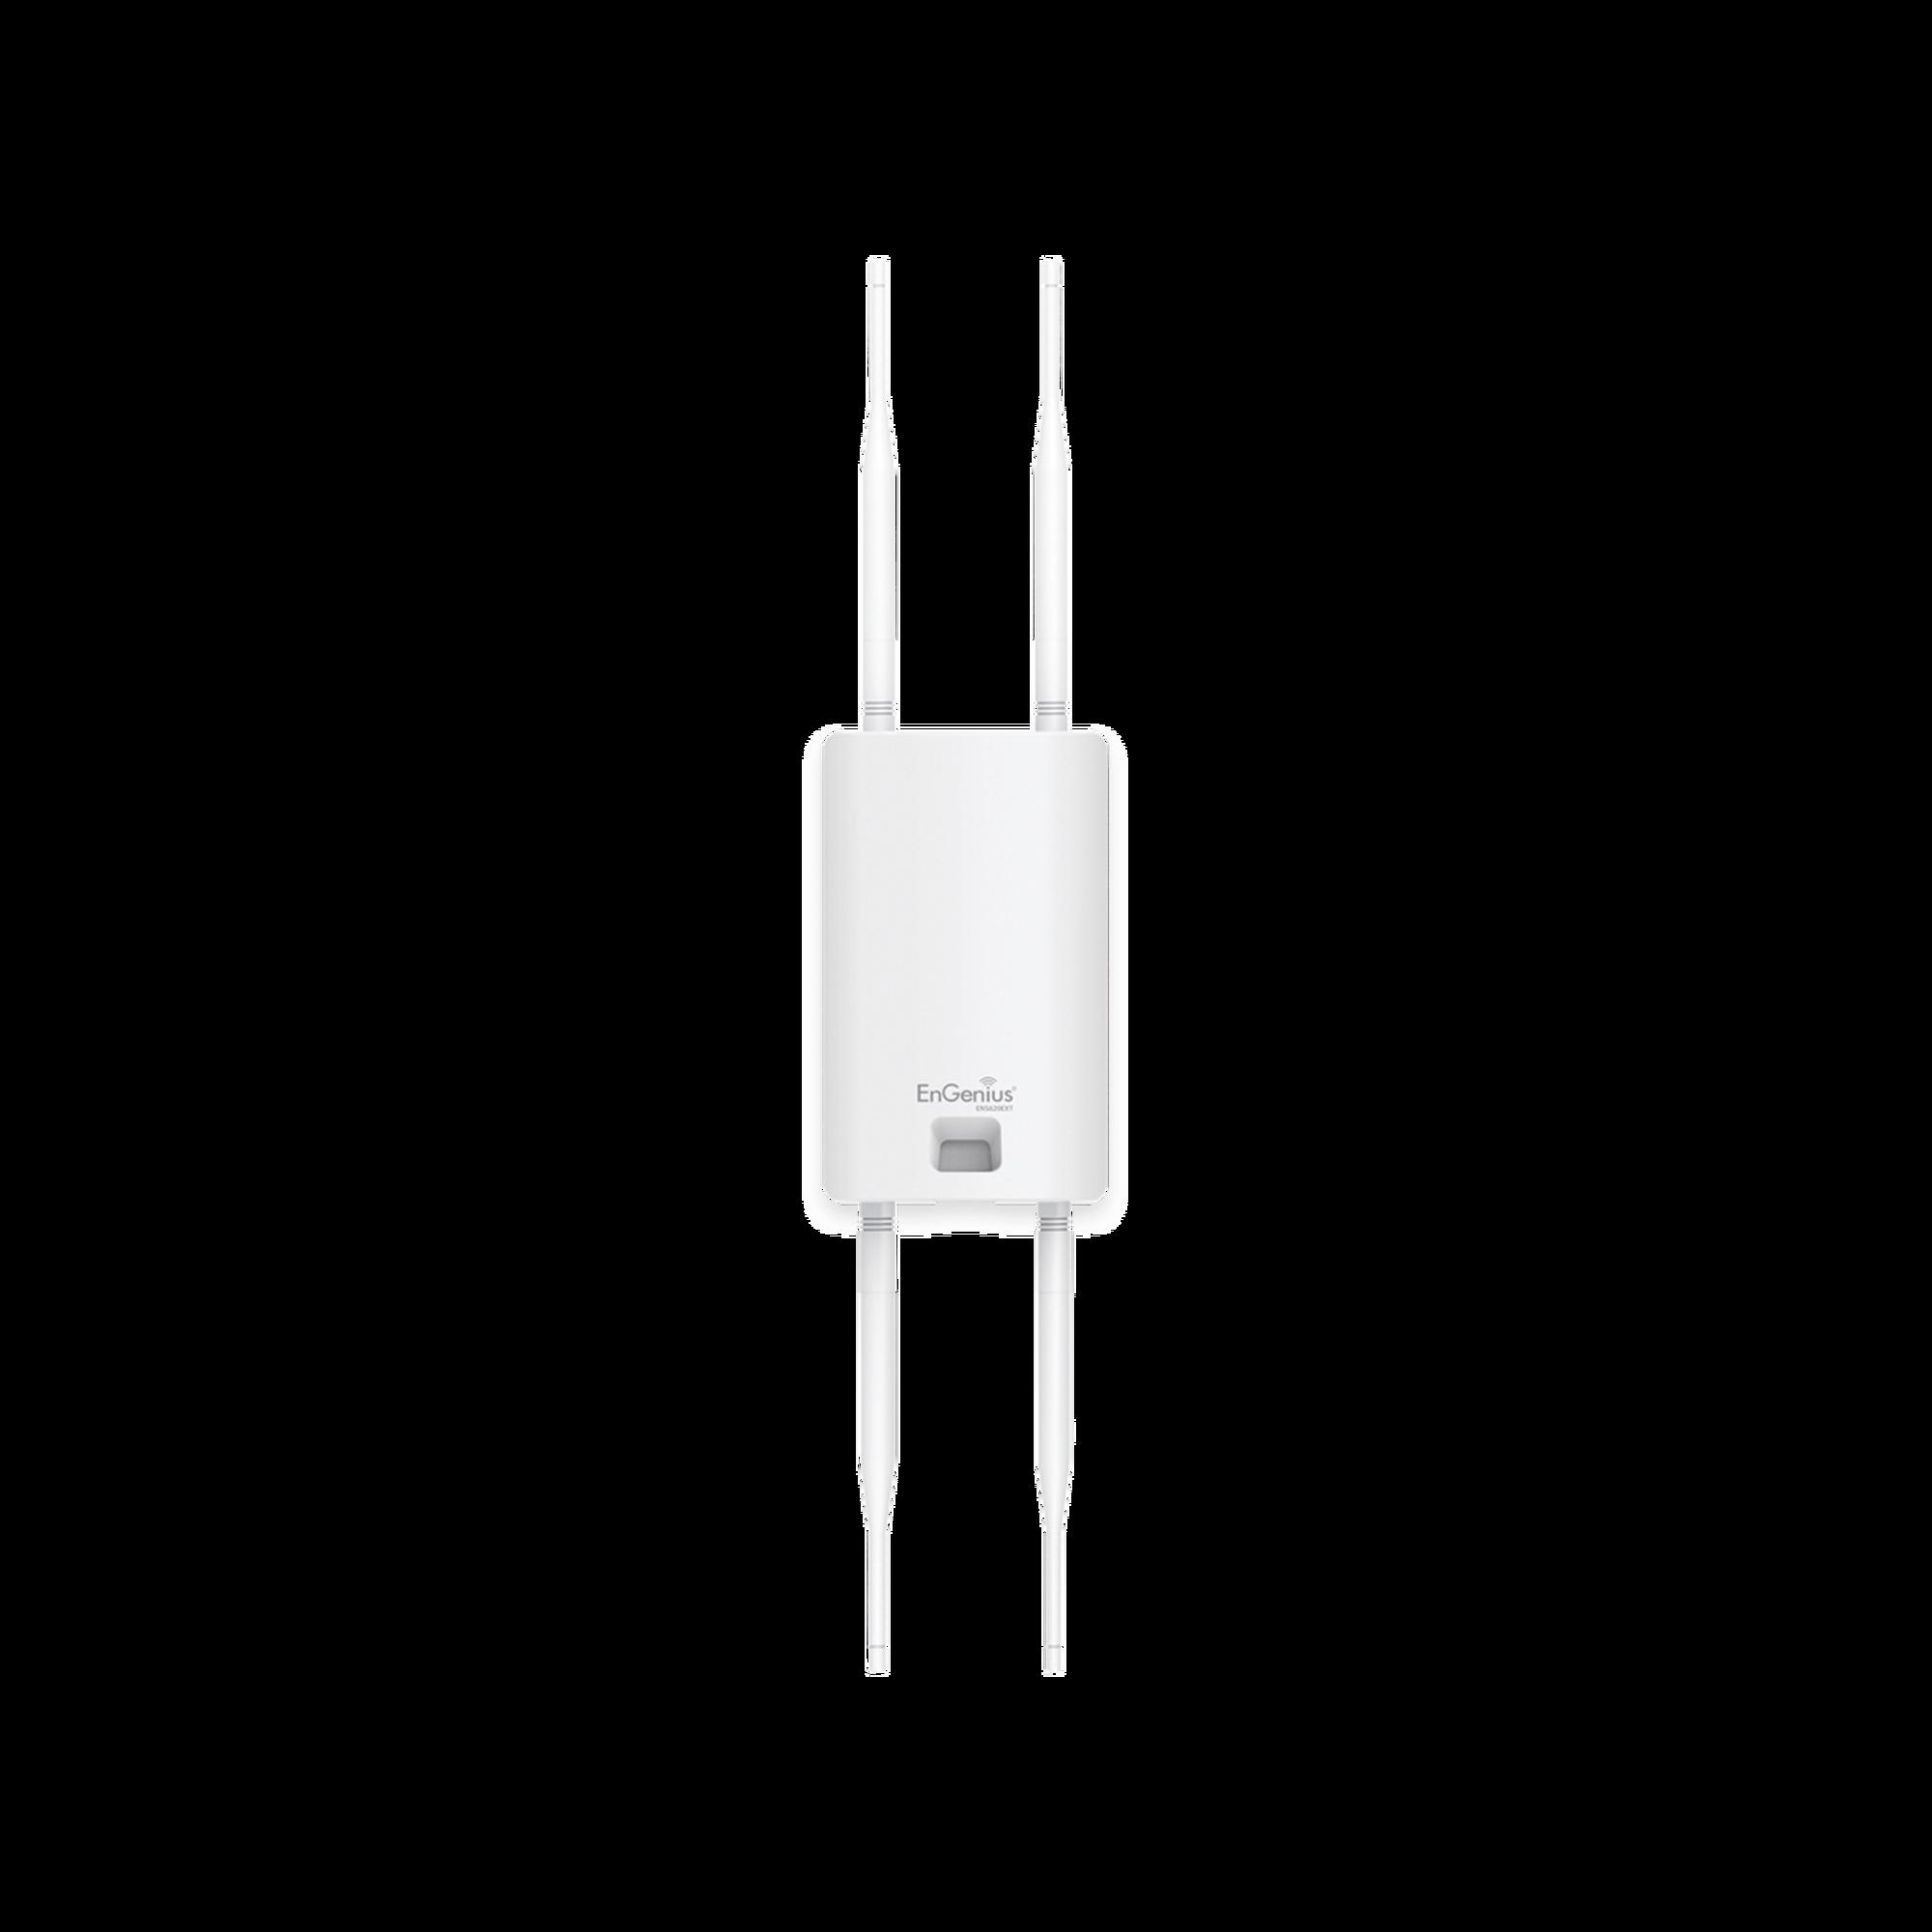 Punto de Acceso Mesh y Repetidor WiFi para Exterior MU-MIMO 2x2, Hasta 1267 Mbps, 500 mW de potencia, 250 Clientes Simultáneos, Doble Banda en 2.4 y 5 GHz.